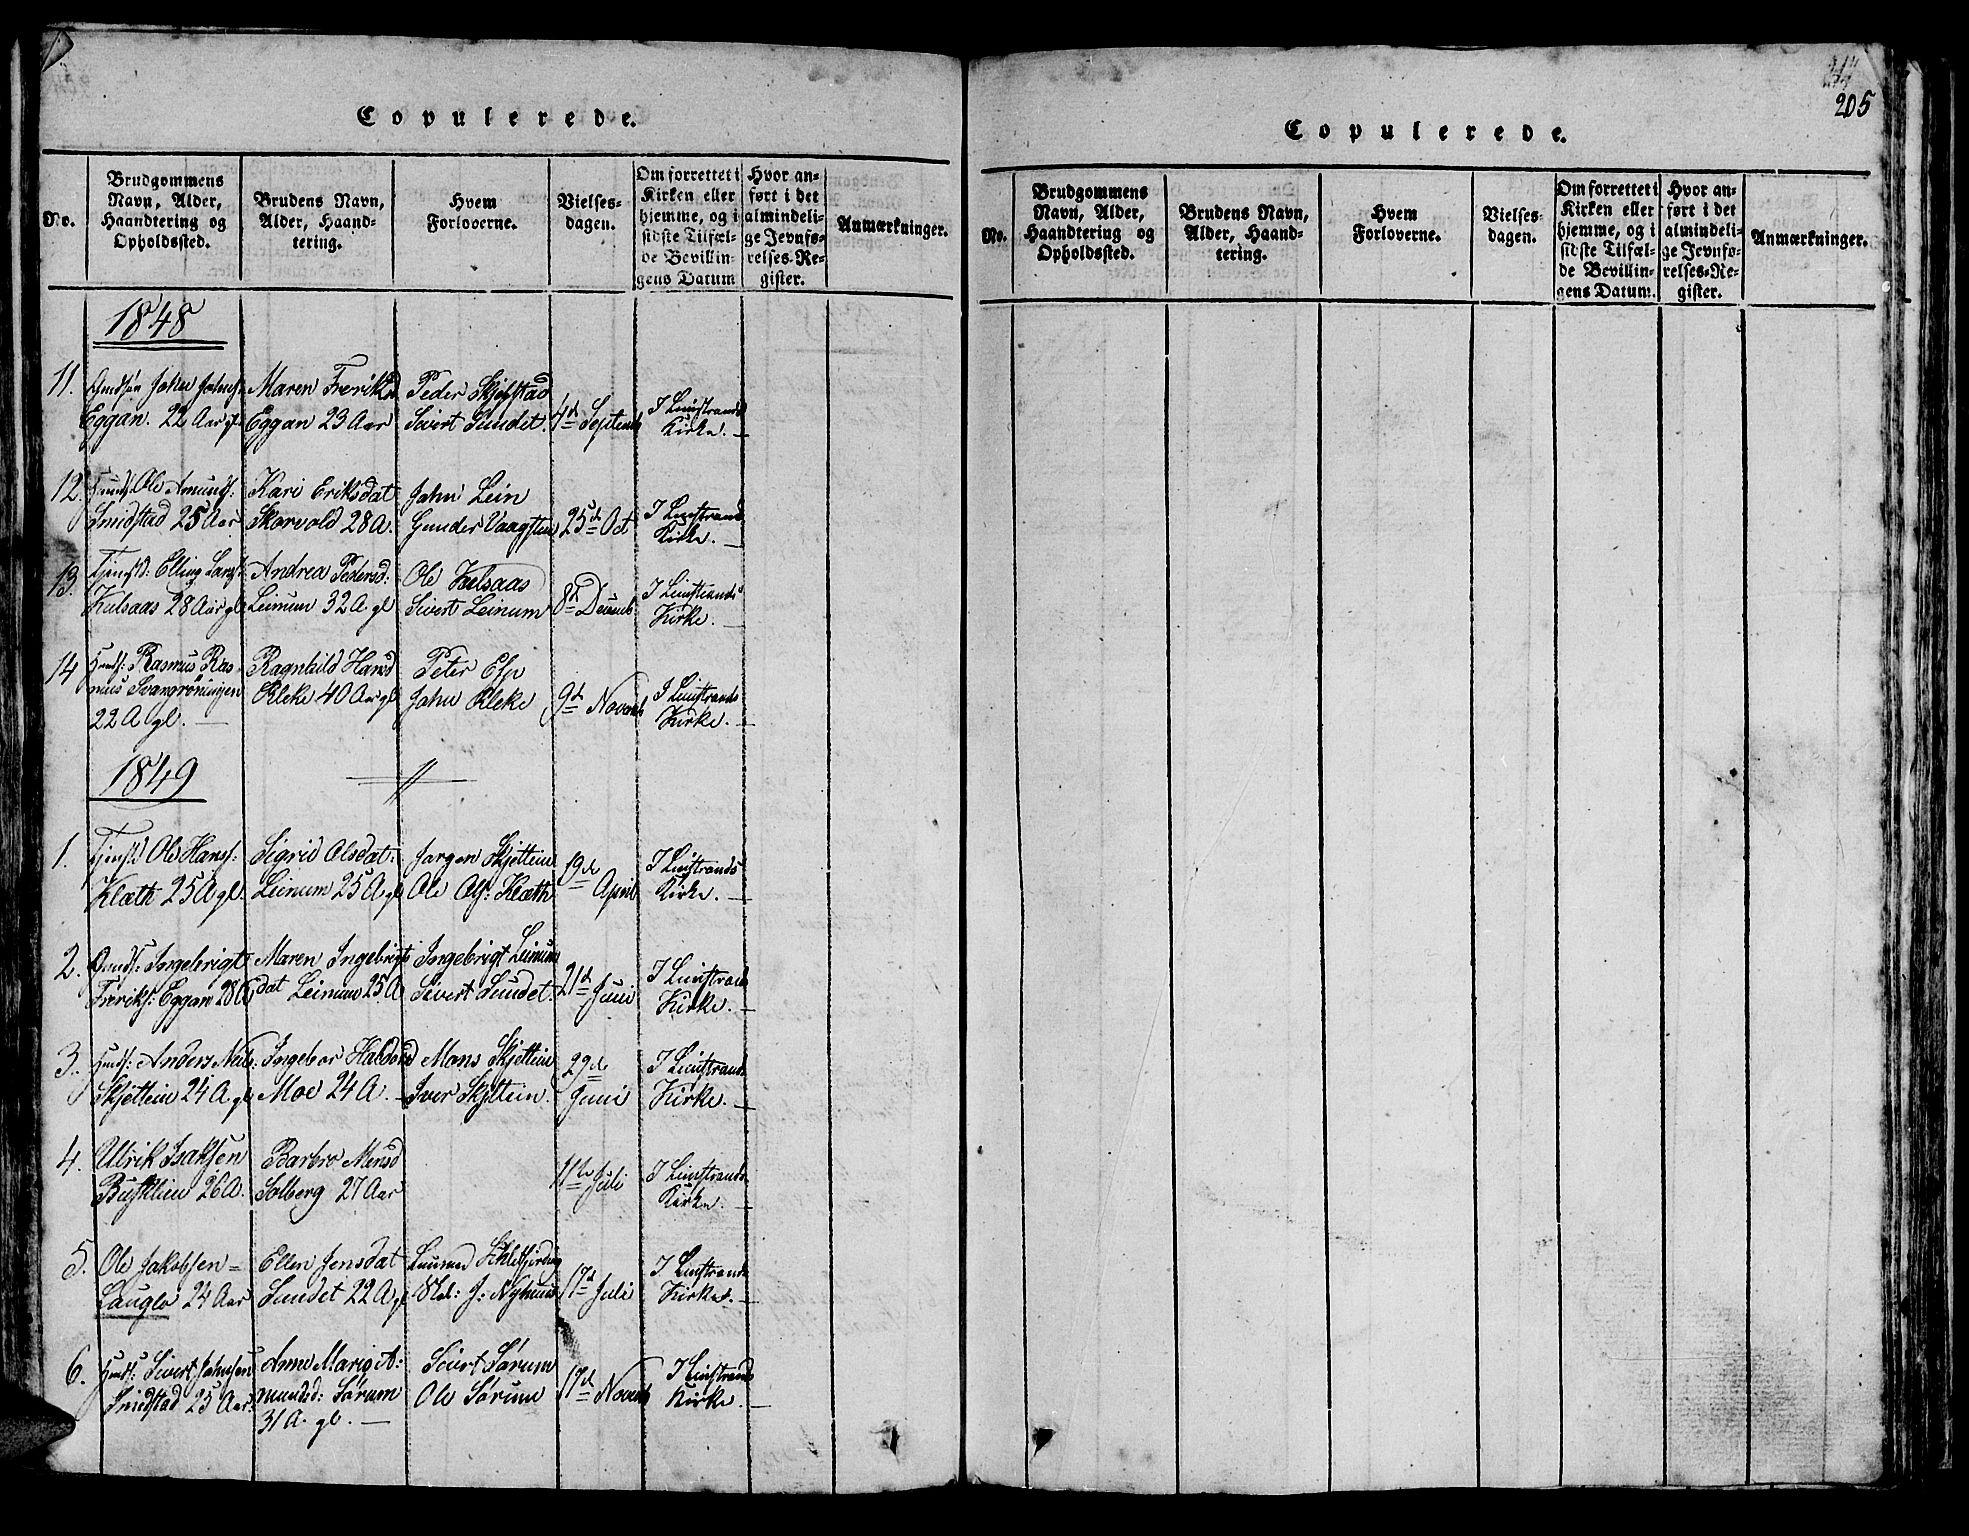 SAT, Ministerialprotokoller, klokkerbøker og fødselsregistre - Sør-Trøndelag, 613/L0393: Klokkerbok nr. 613C01, 1816-1886, s. 205